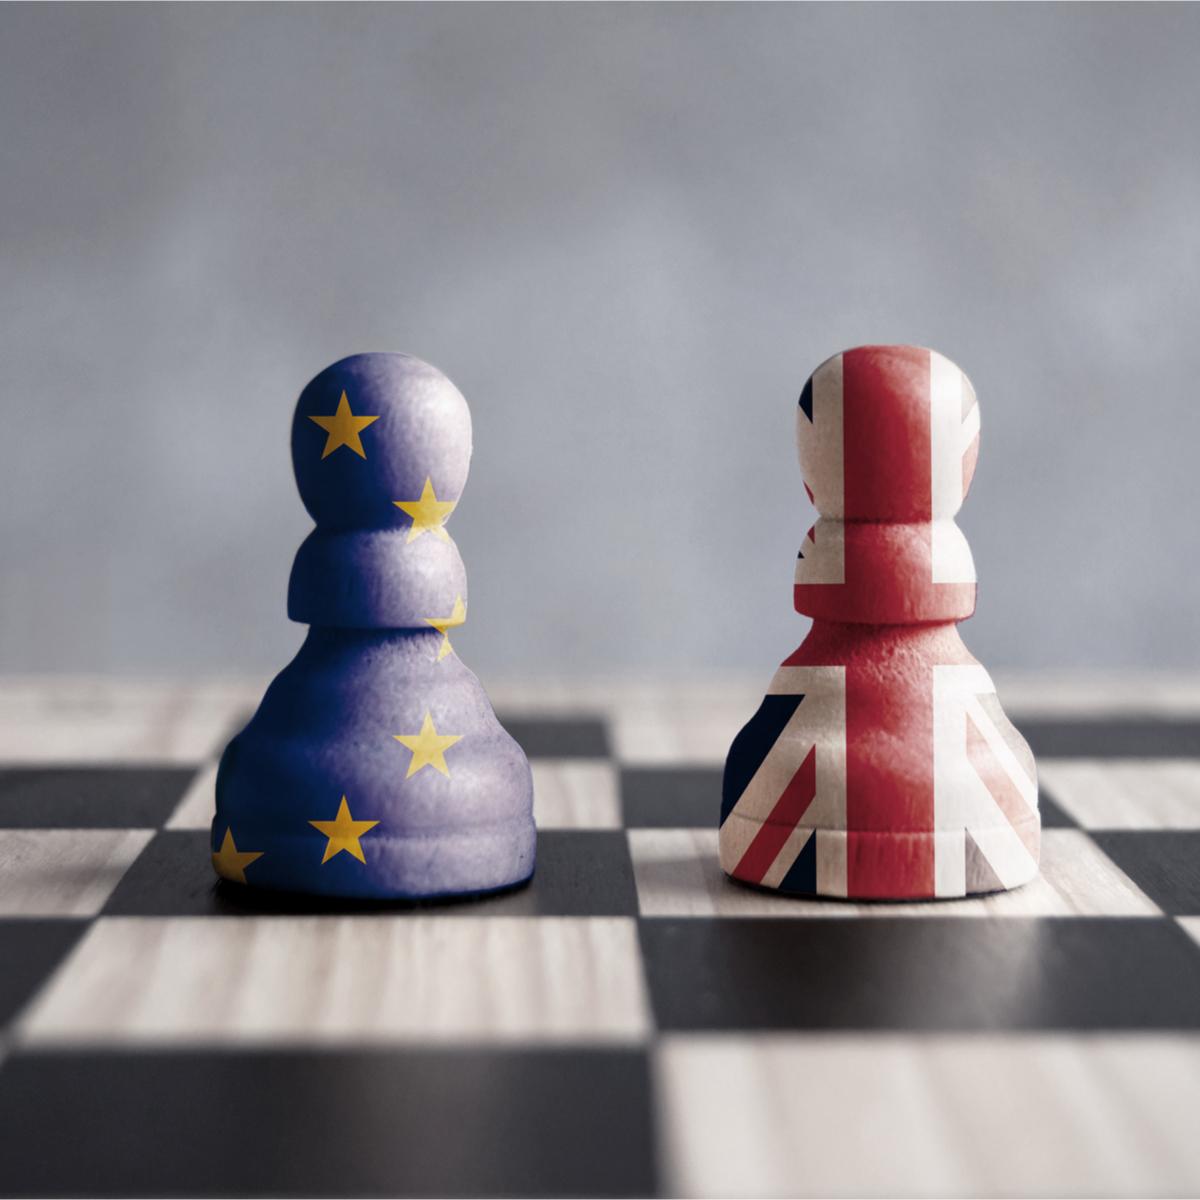 Incidencias Brexit Irpf Patrimonio